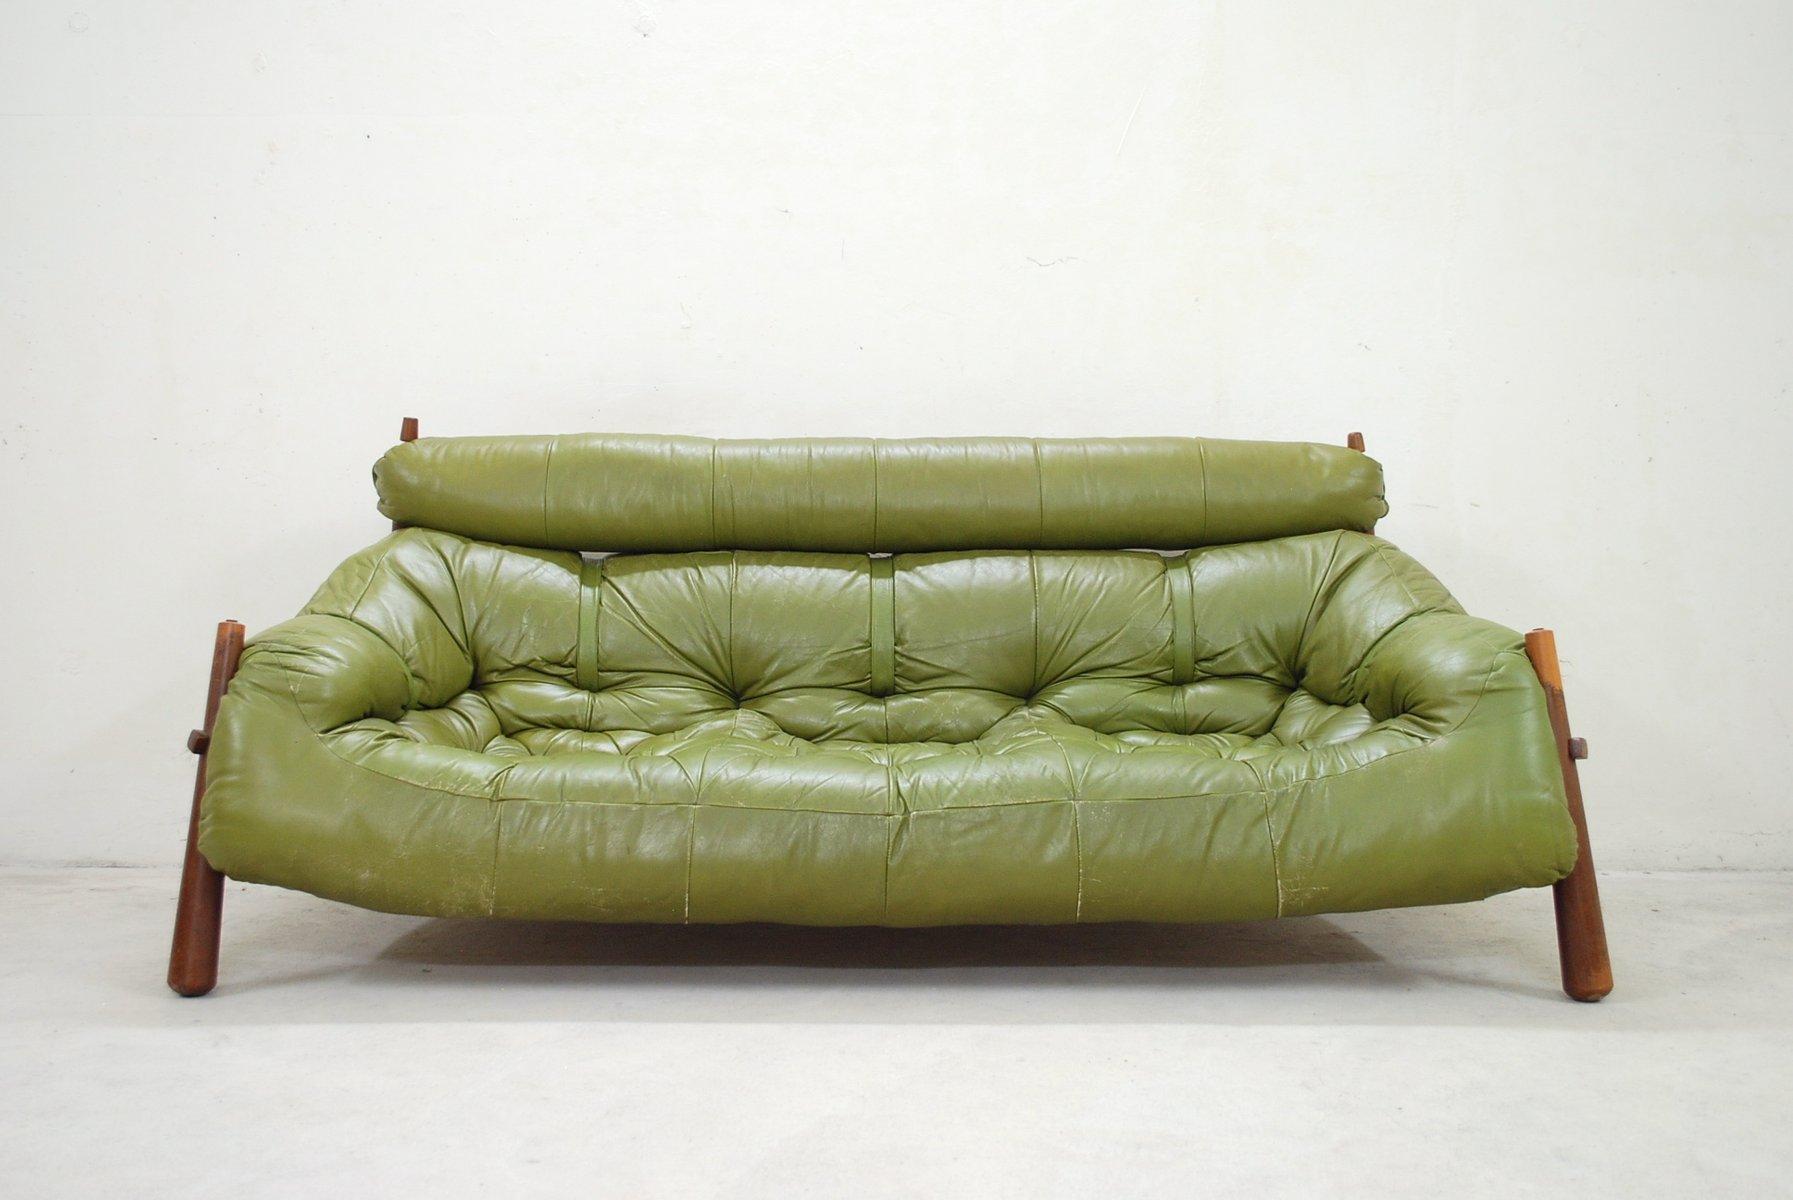 Grünes Lounge Sofa von Percival Lafer, 1958